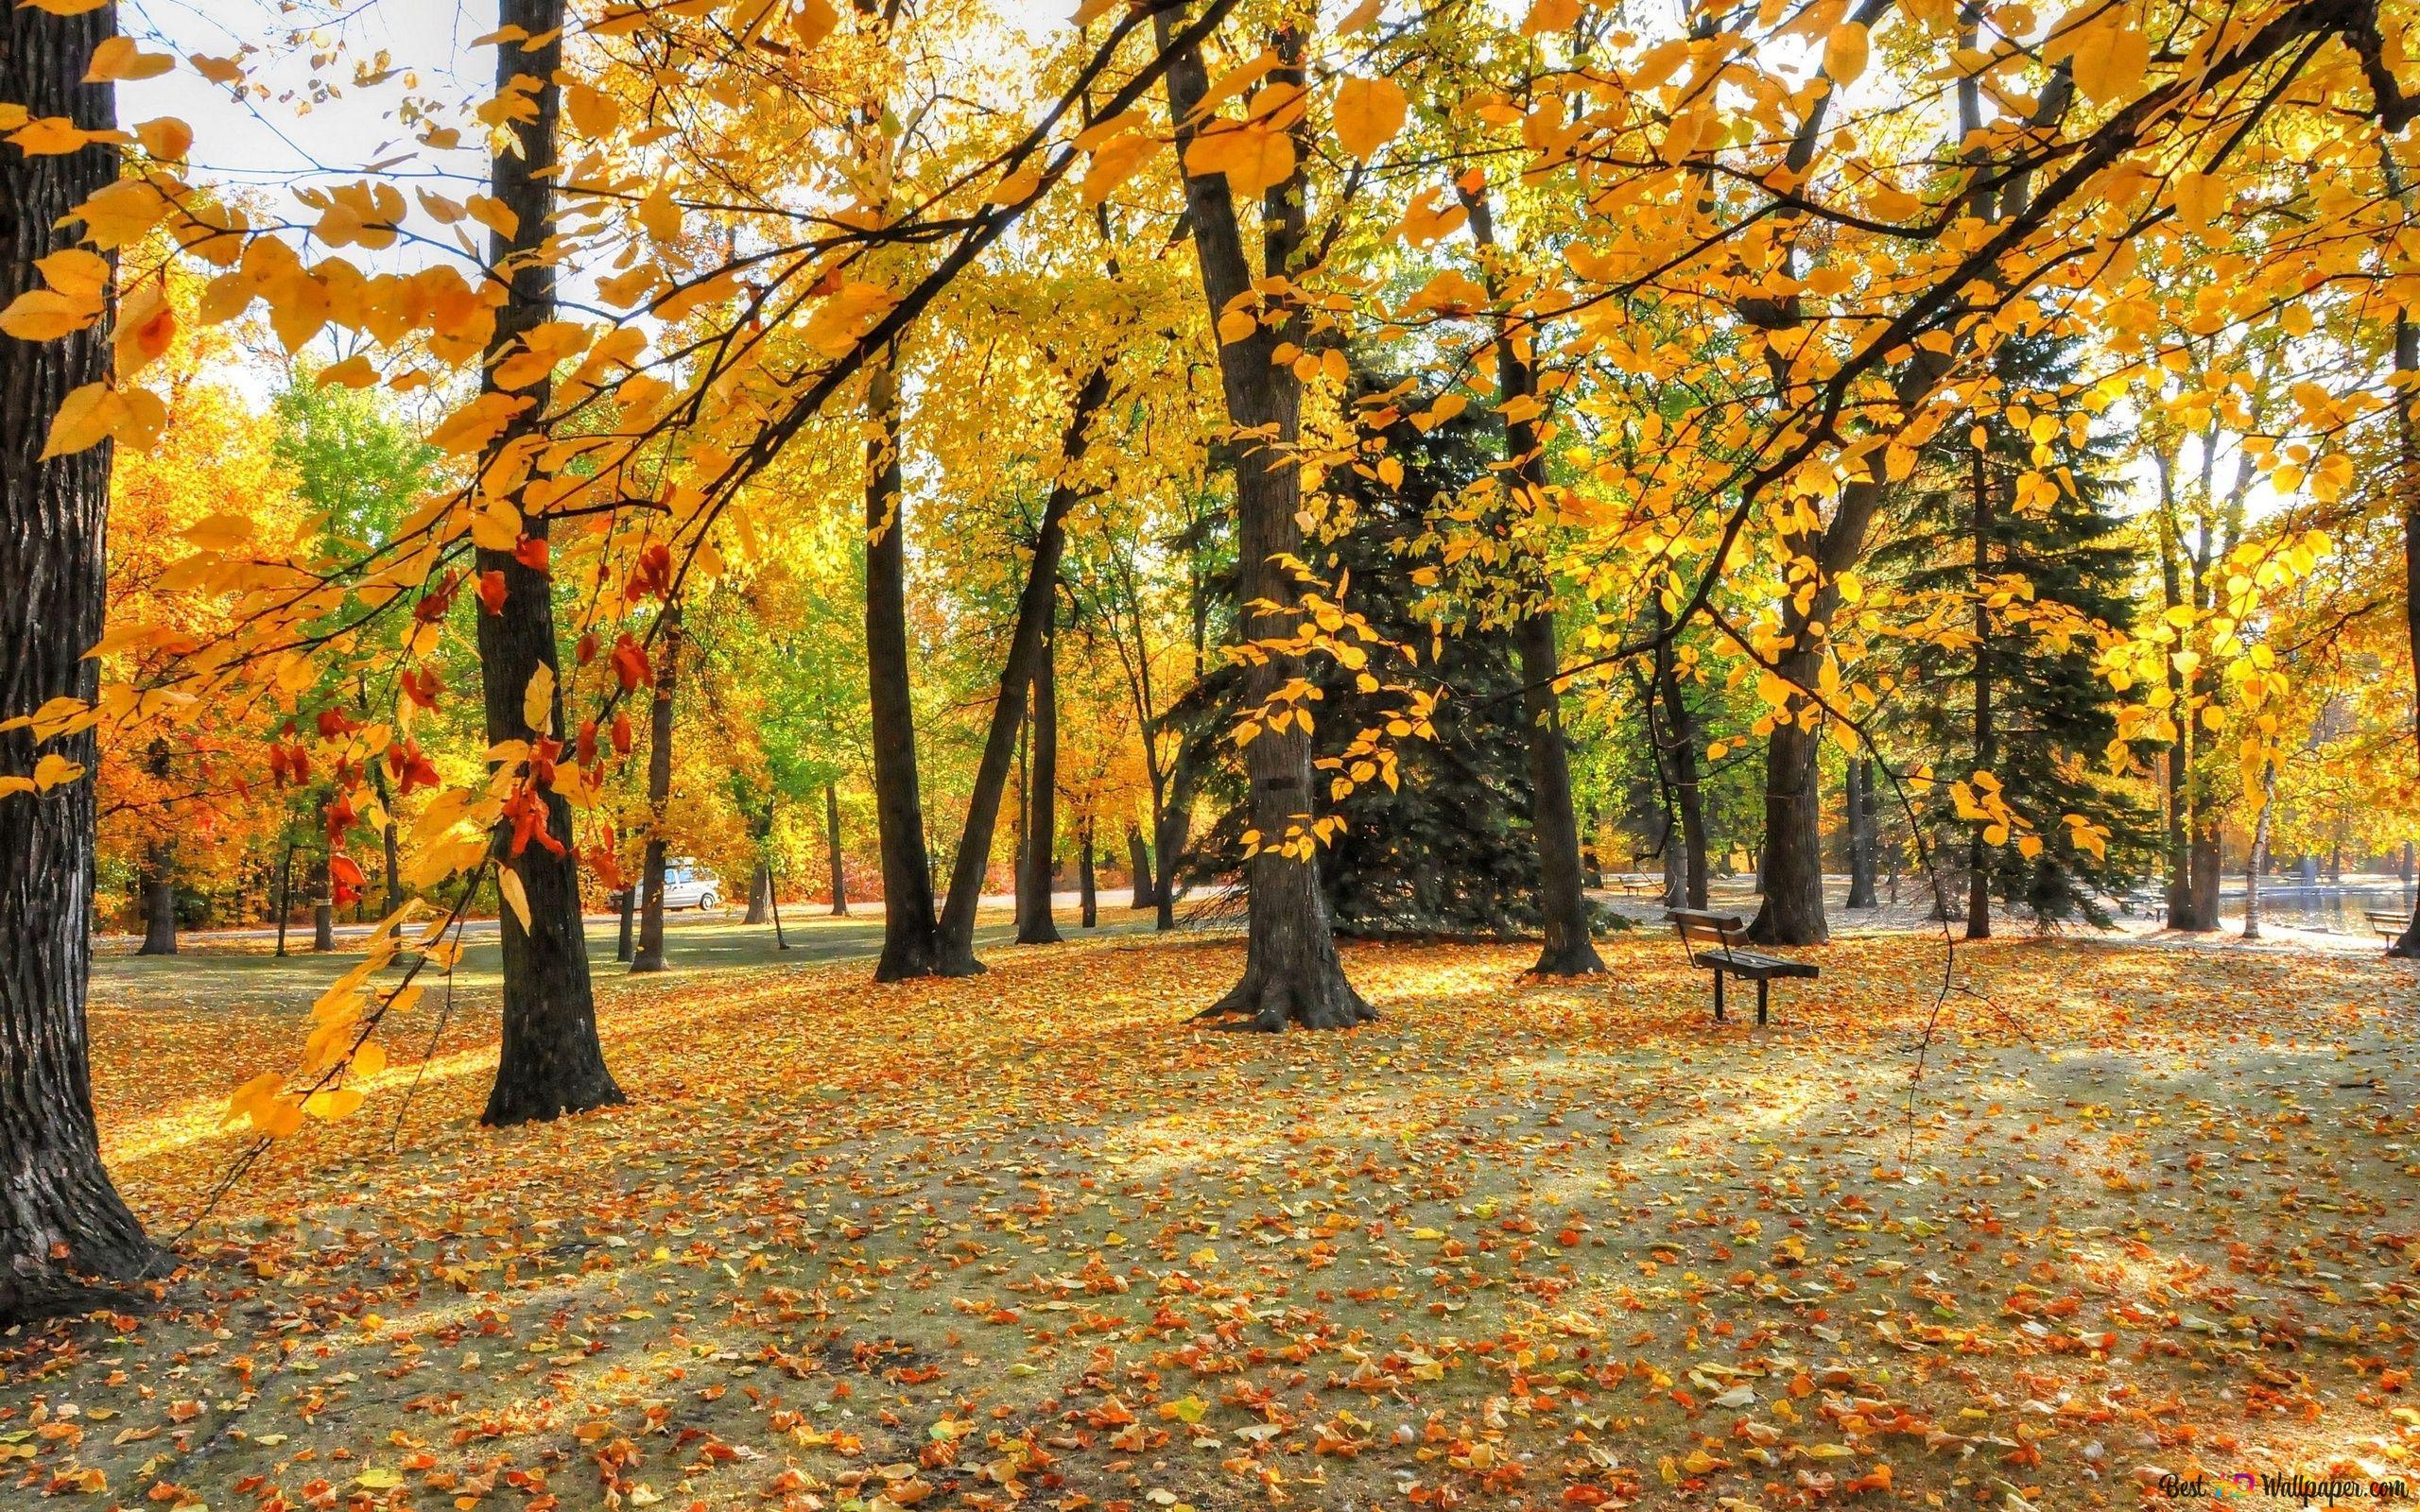 美しい秋の風景 Hd壁紙のダウンロード